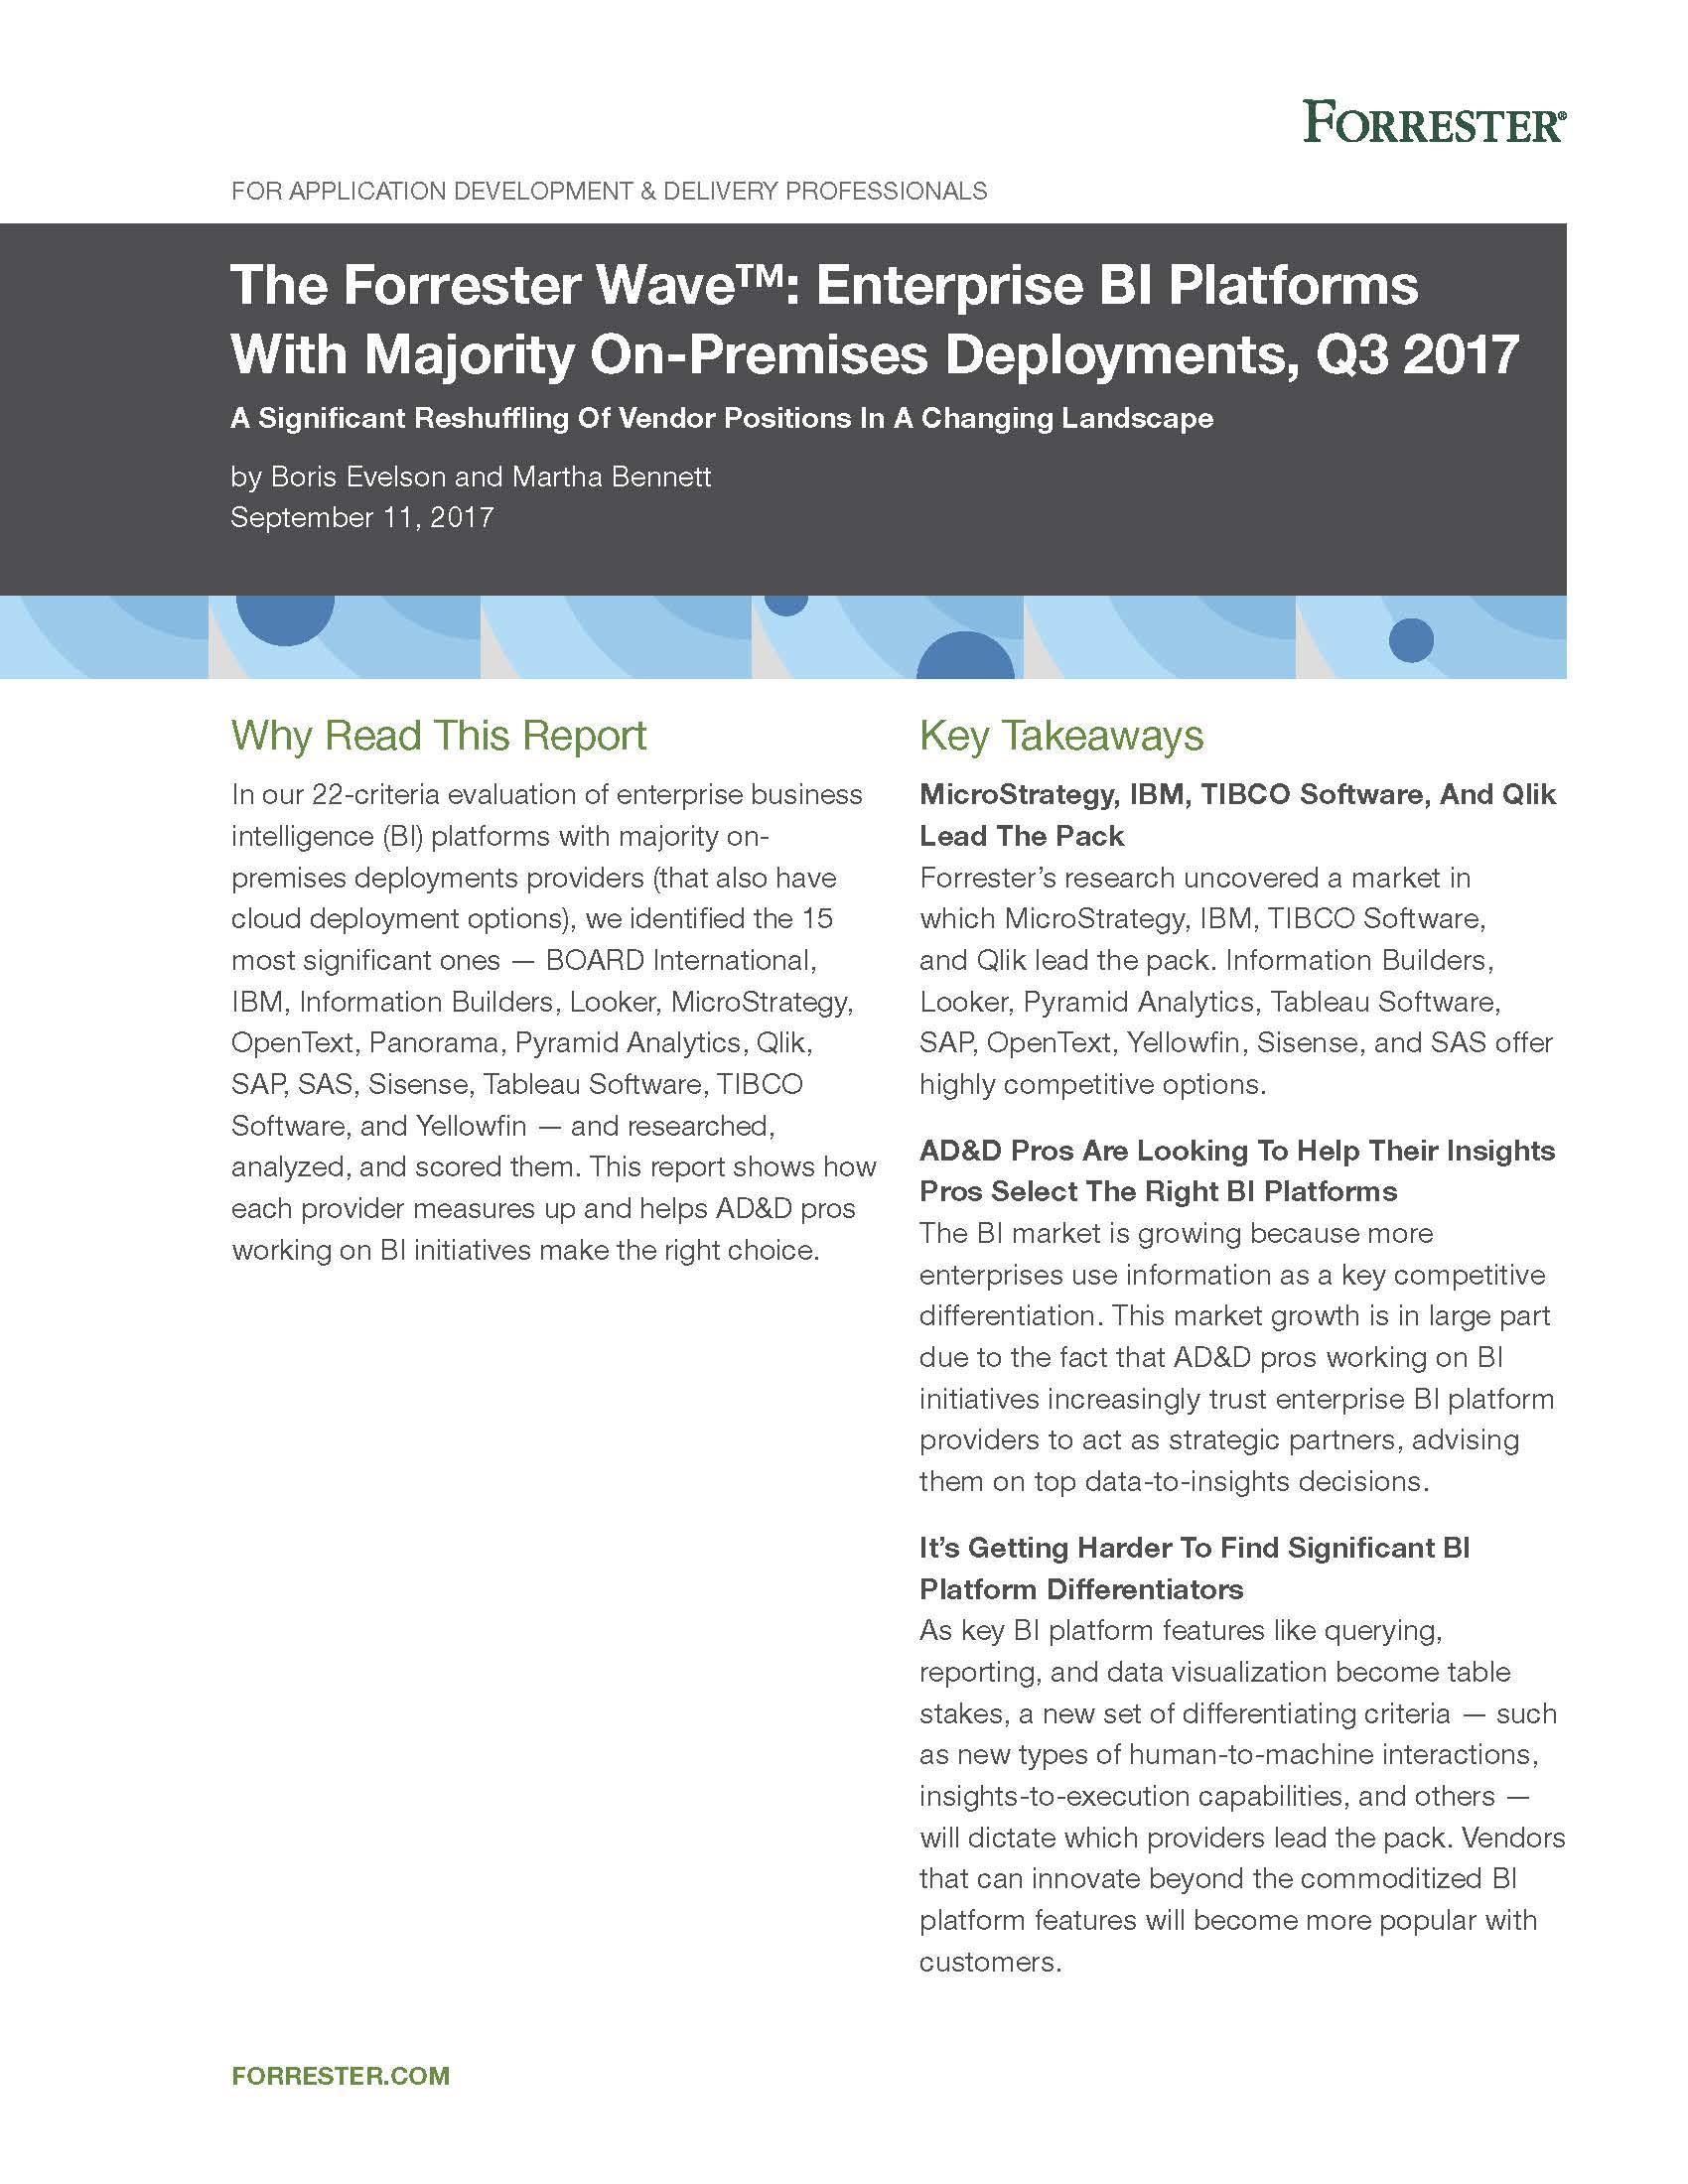 The Forrester Wave™: Enterprise BI Platforms with Majority On